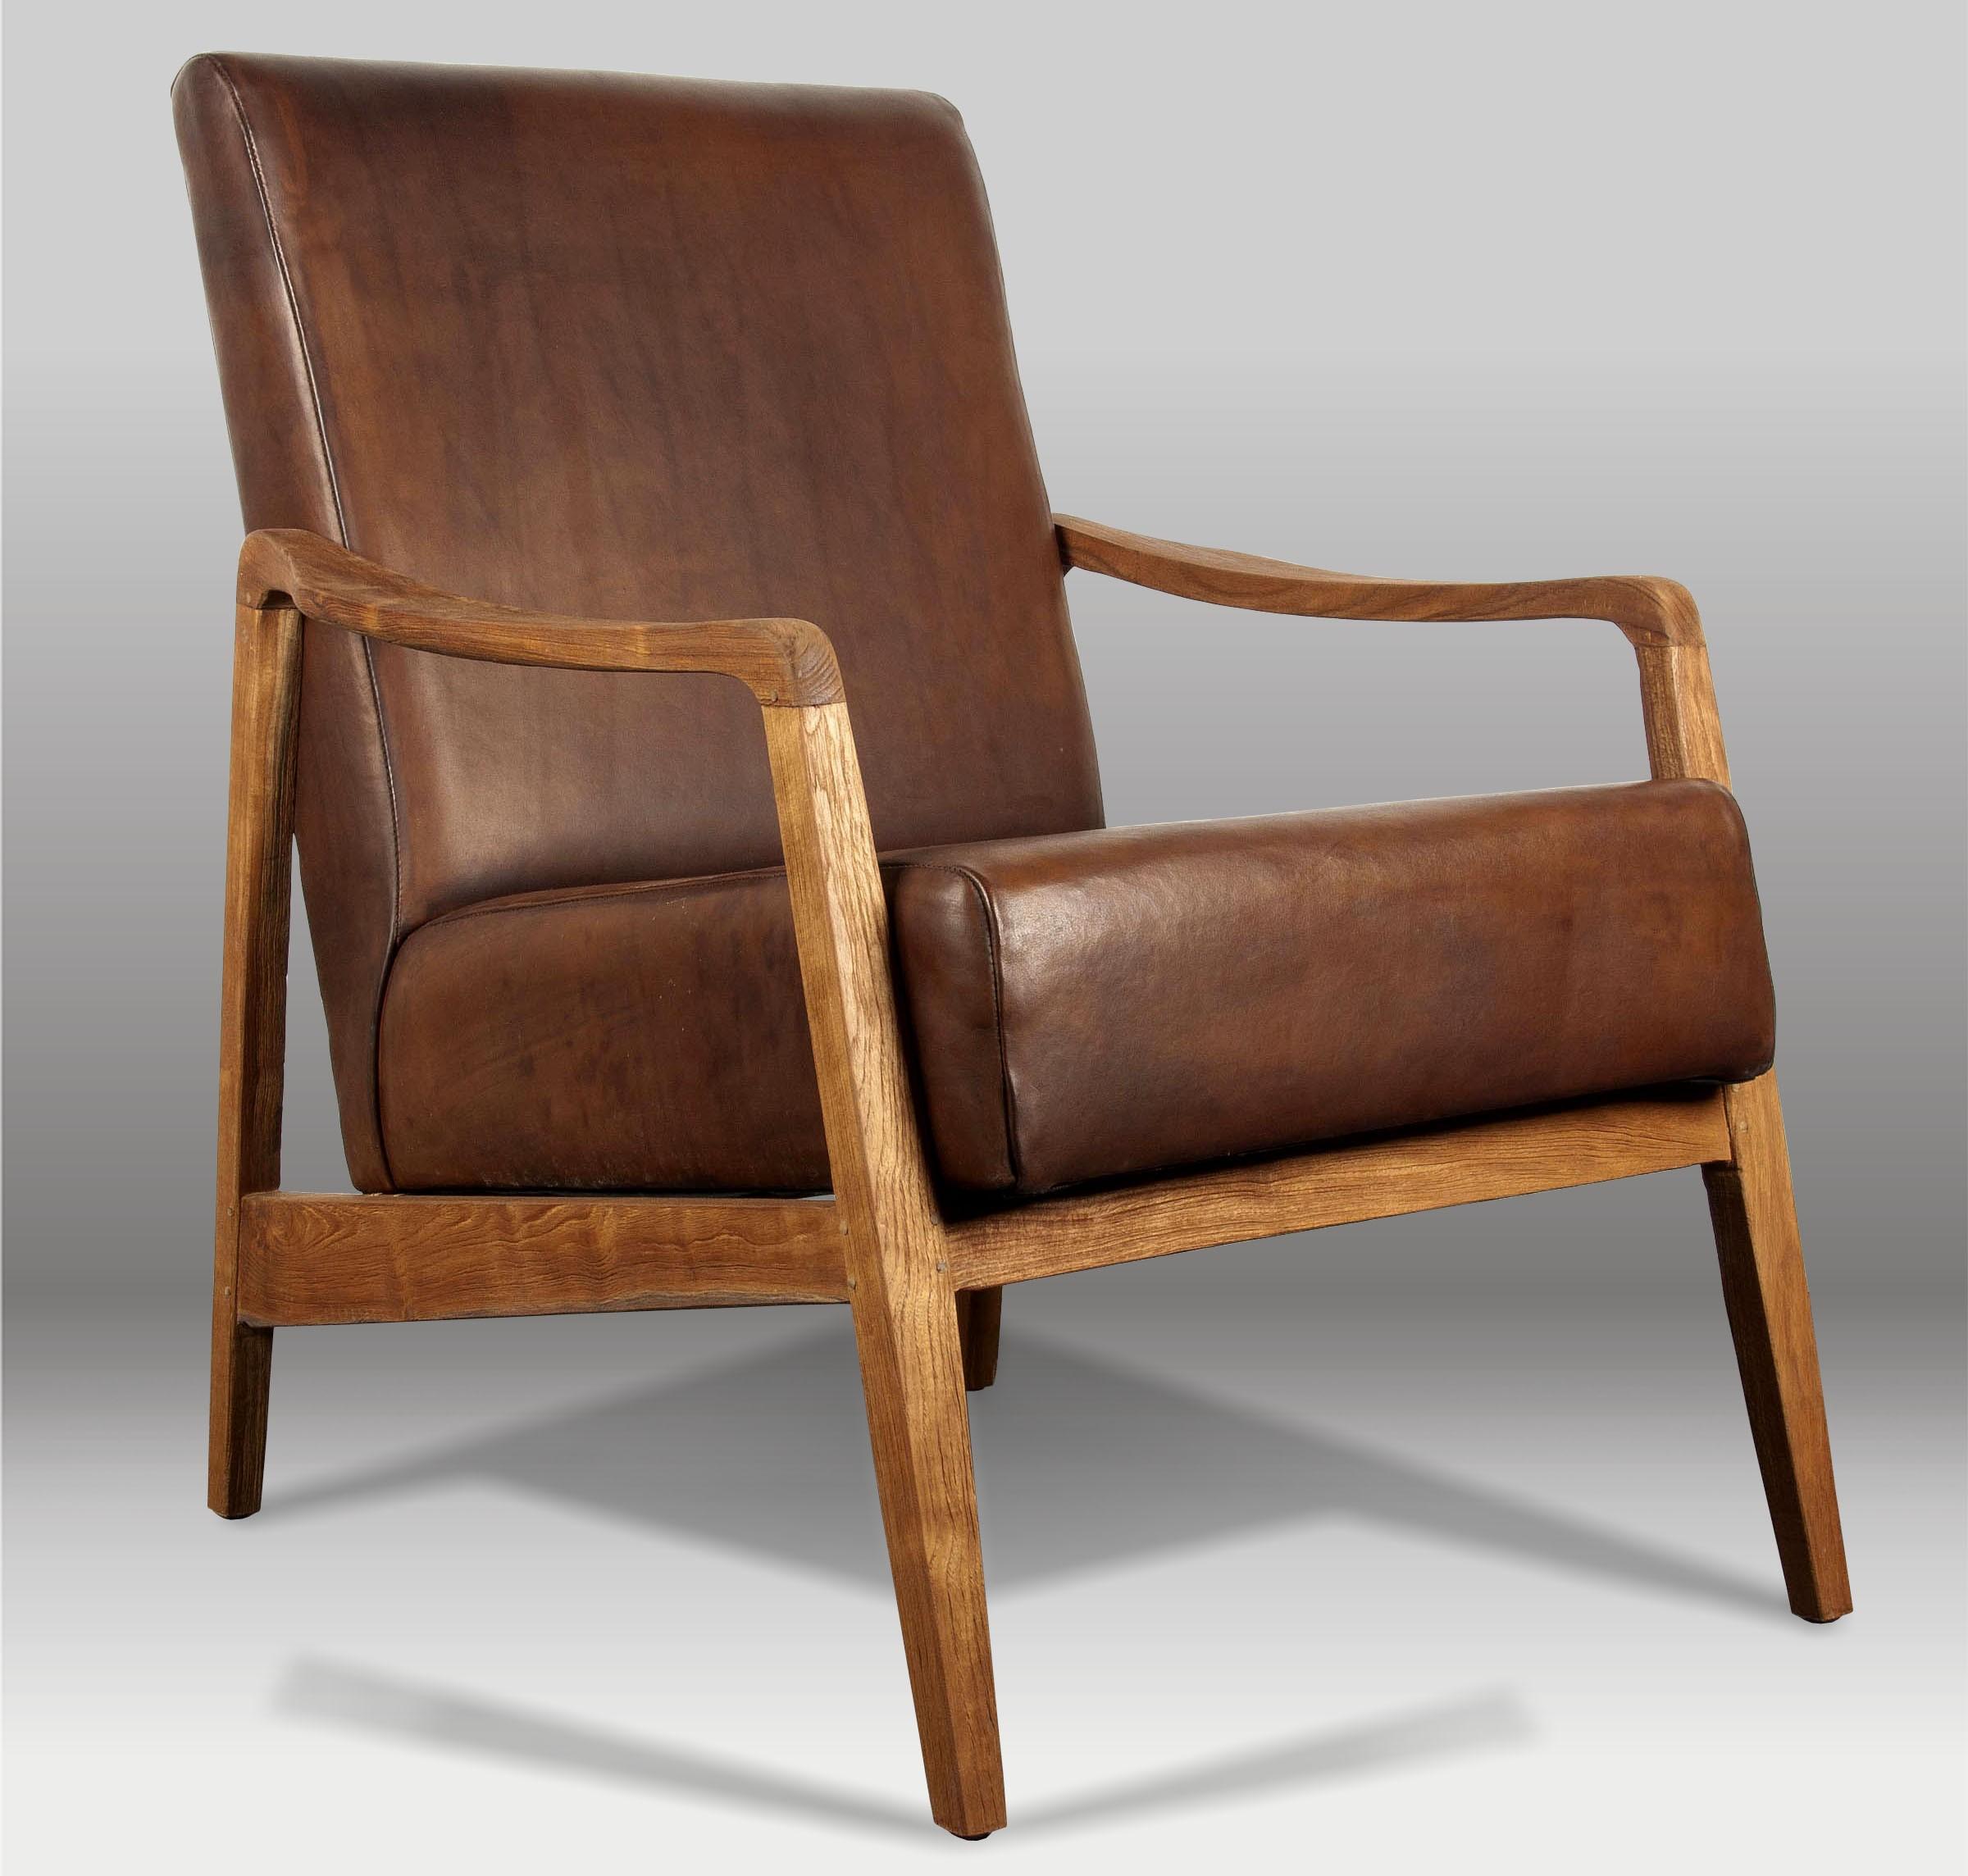 Butaca y butaca de piel batavia - Muebles anos 50 madrid ...